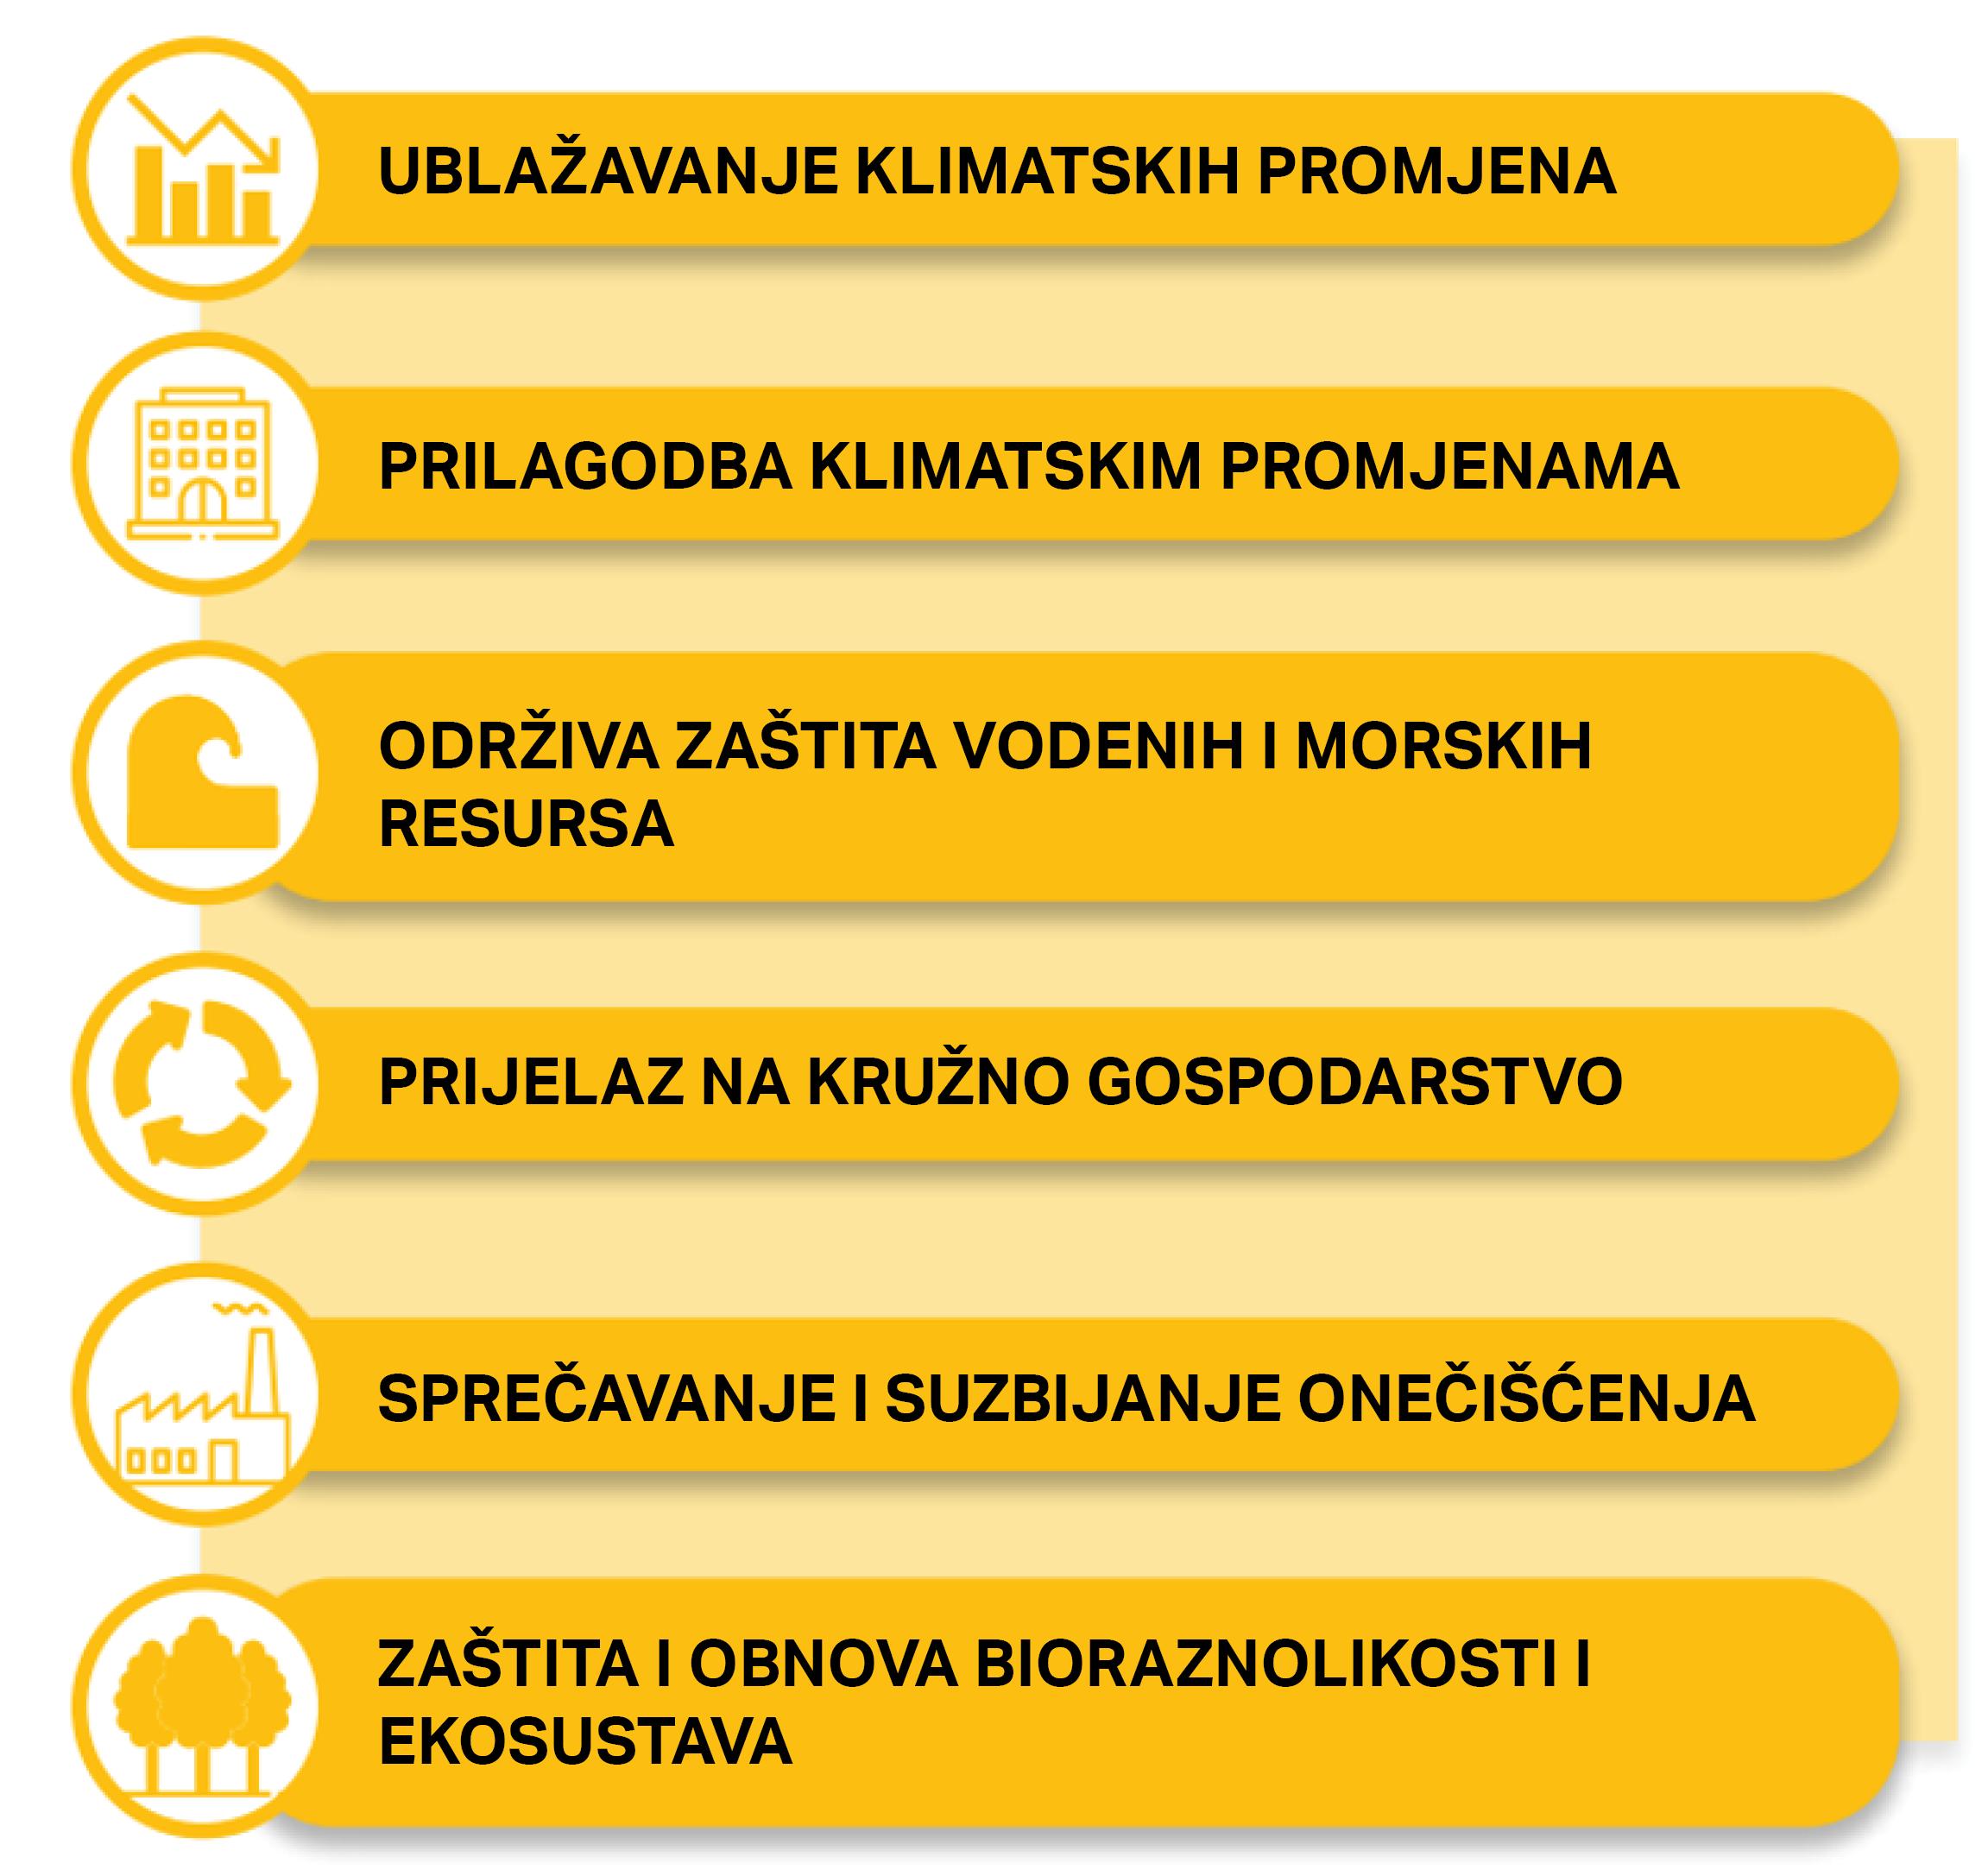 SLJEDEĆA GENERACIJA KORPORATIVNOG IZVJEŠTAVANJA O ODRŽIVOSTI Društveno odgovorno poslovanje u Hrvatskoj - Dop.hr